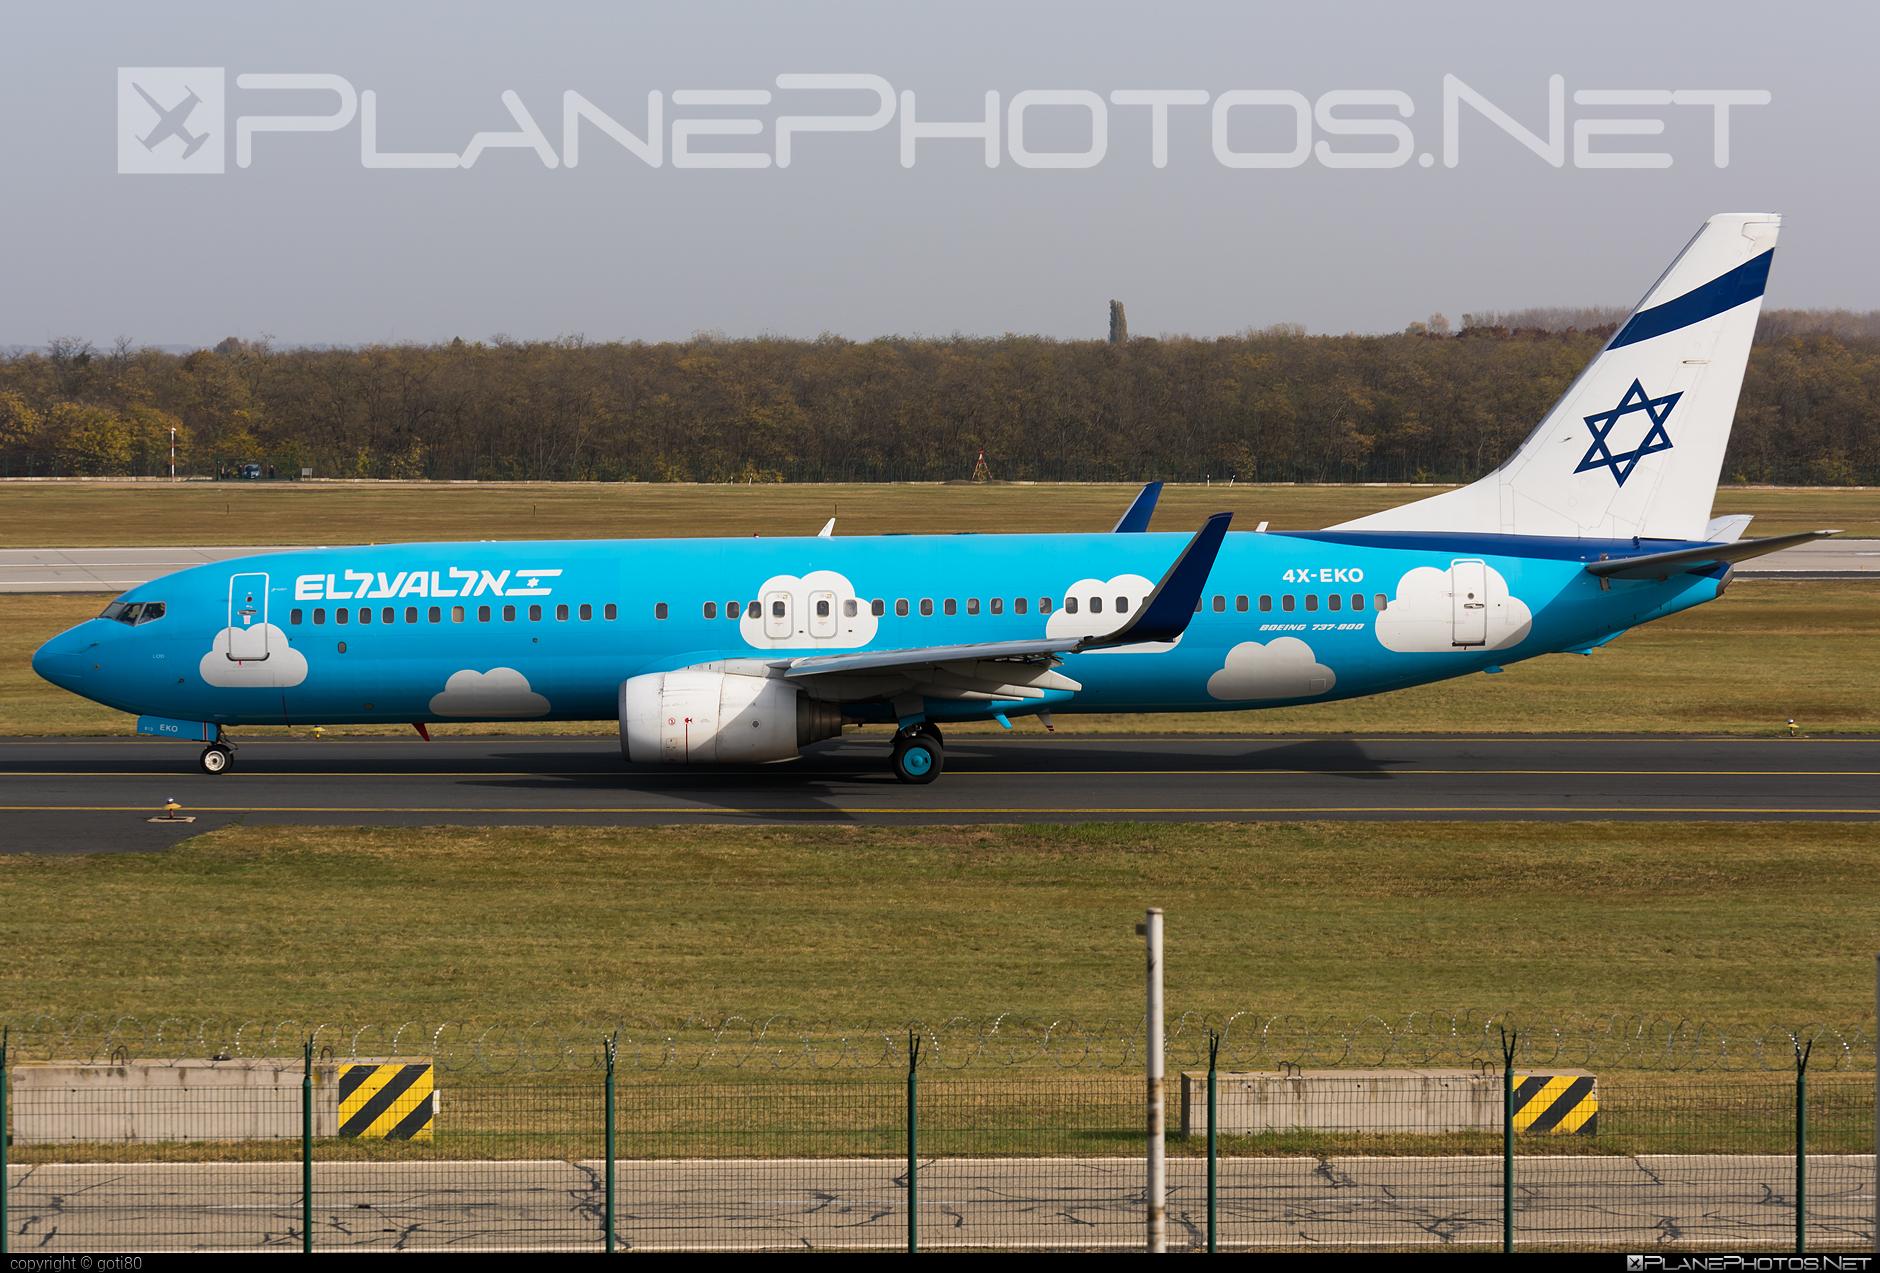 Boeing 737-800 - 4X-EKO operated by El Al Israel Airlines #b737 #b737nextgen #b737ng #boeing #boeing737 #elal #elalisraelairlines #israelairlines